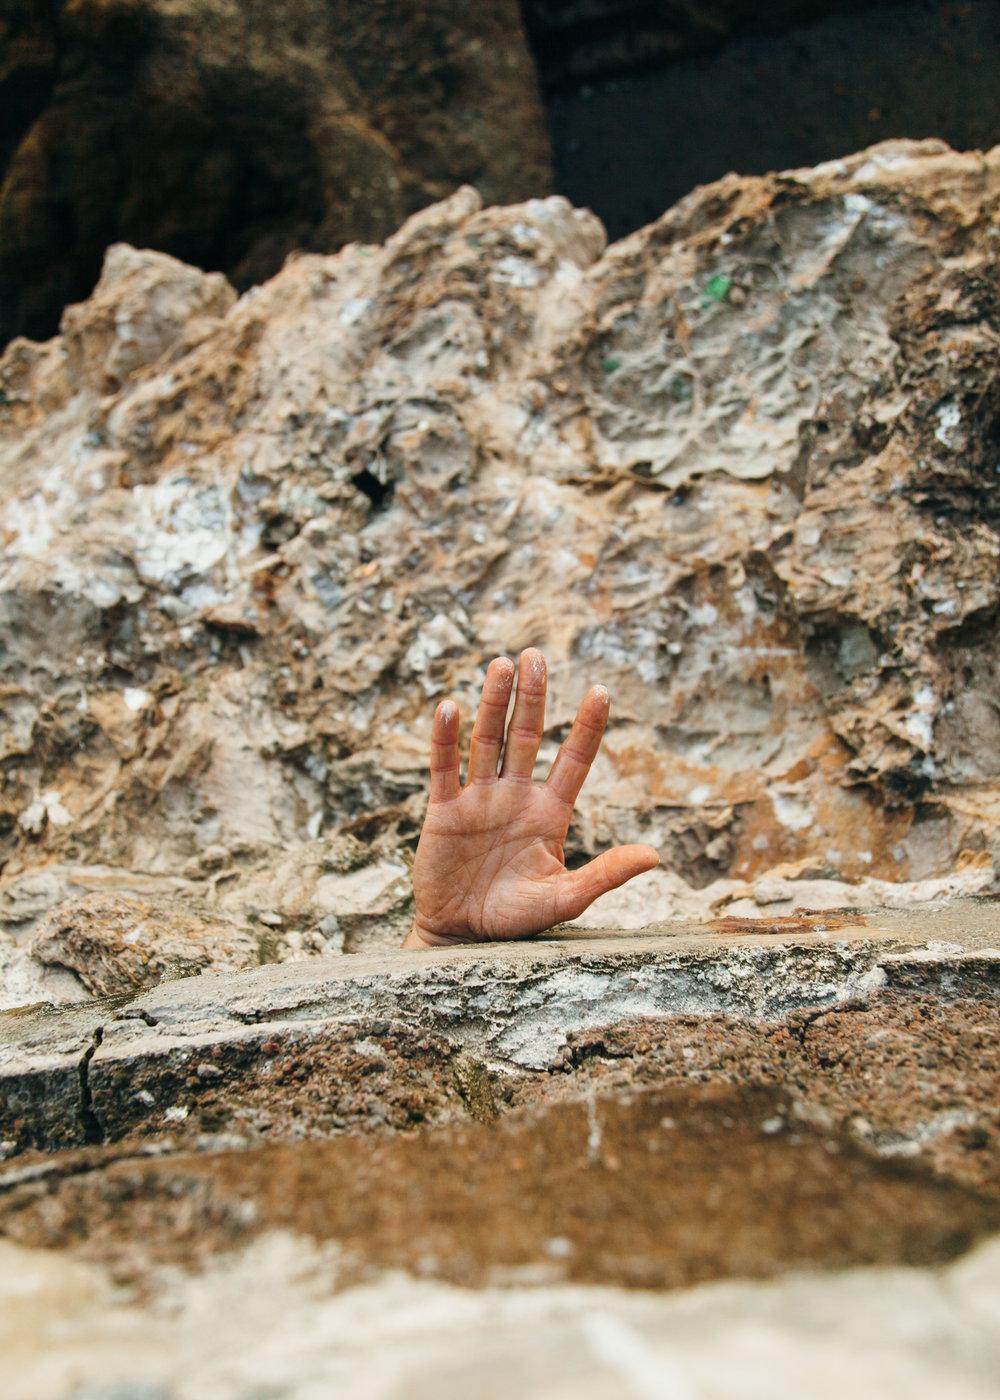 Rock_hand.jpg